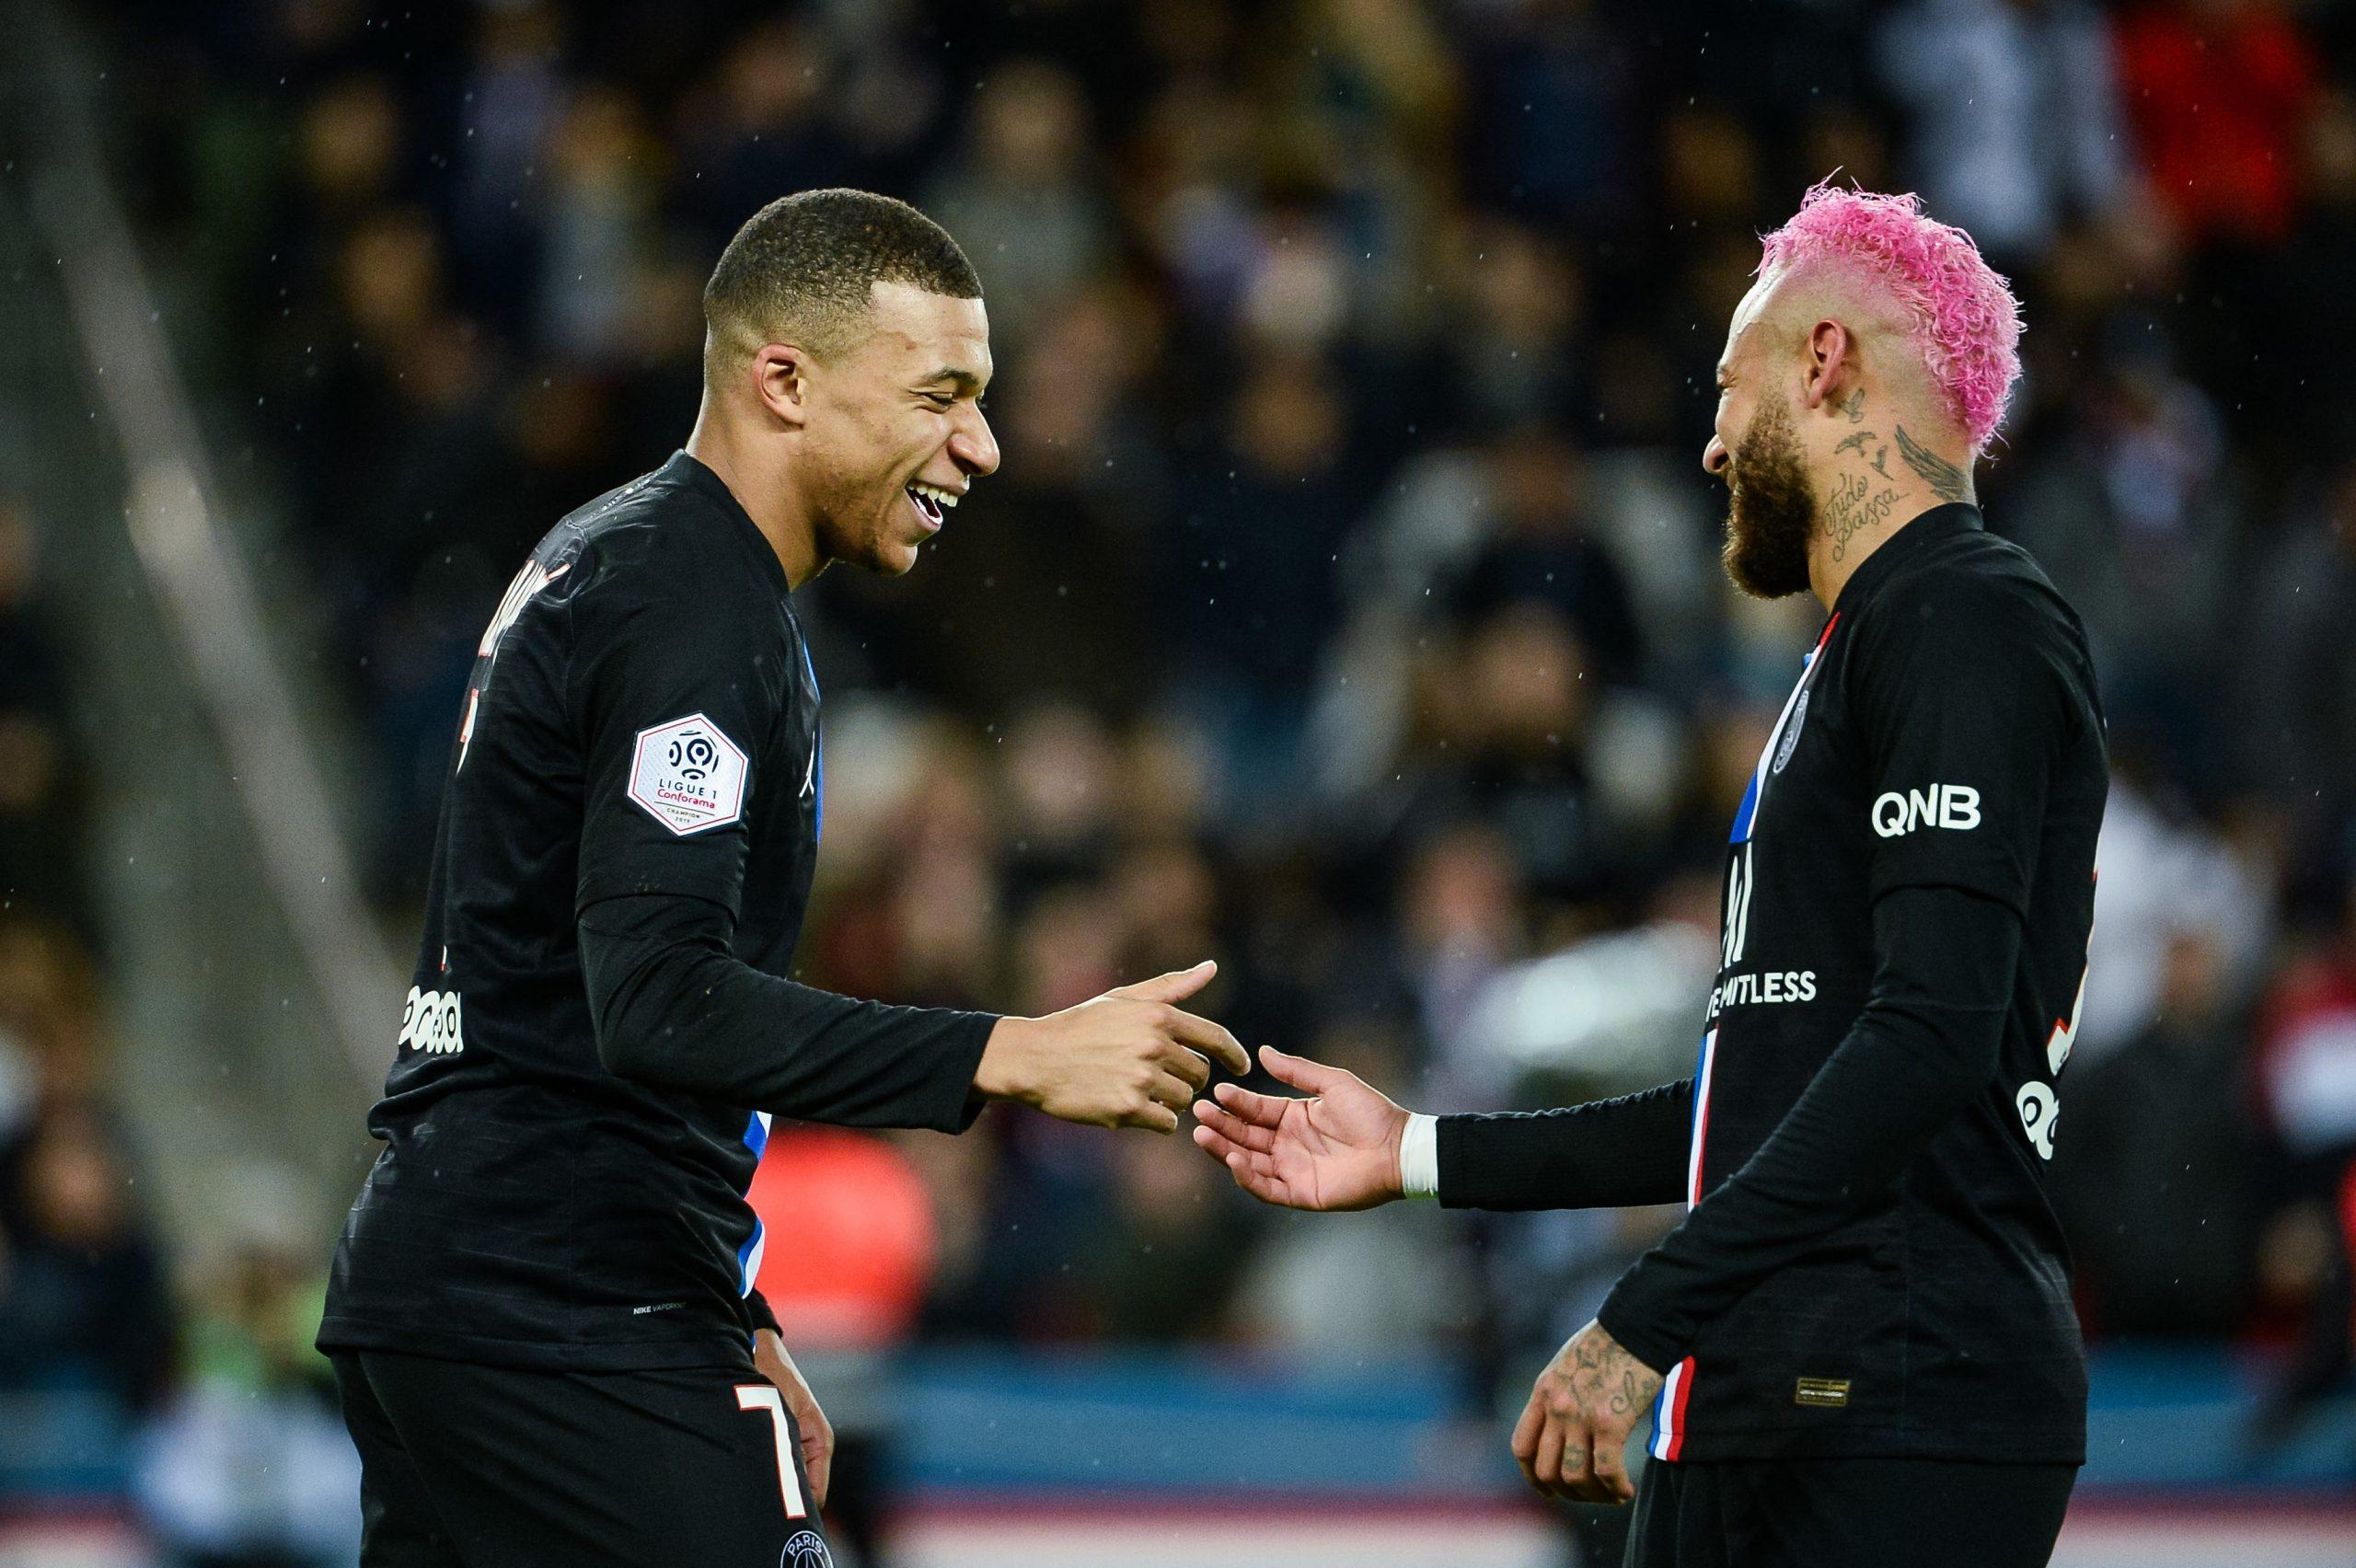 Nantes/PSG - Le groupe parisien sera sans Neymar, mais avec Mbappé selon RMC Sport